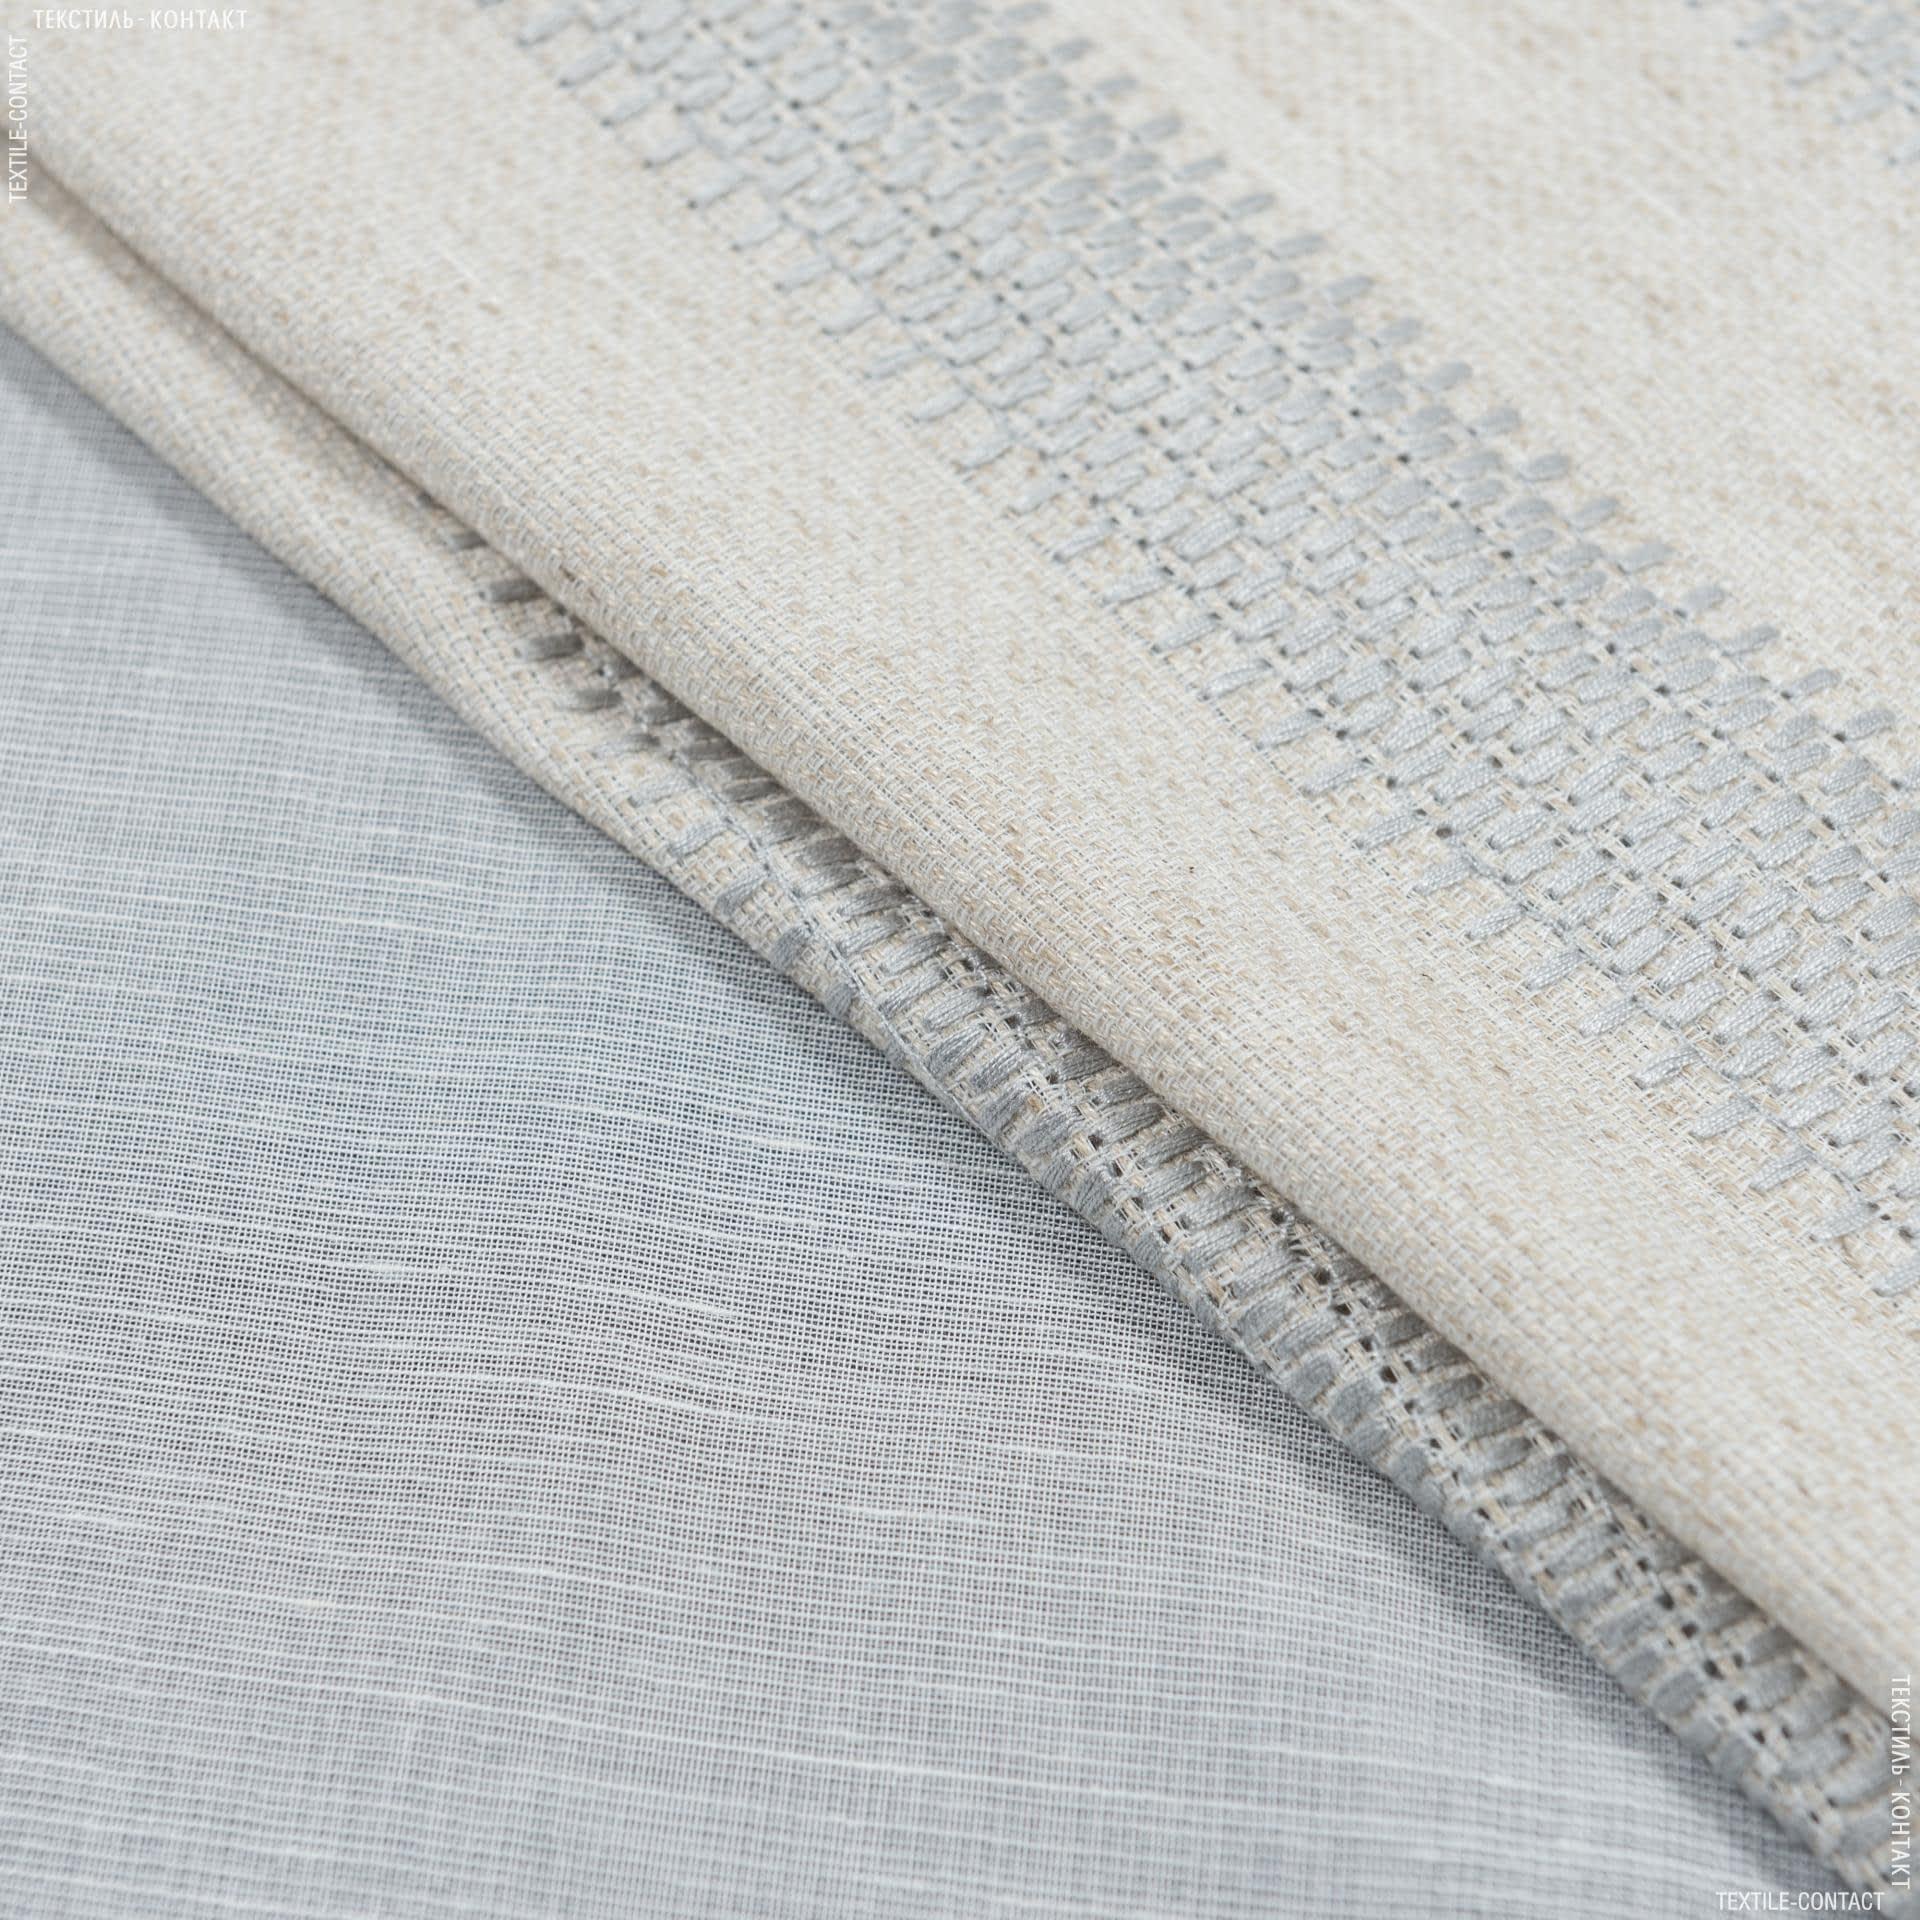 Ткани для тюли - Тюль  с утяжелителем биона купон вышивка   /baiona  /беж,серый